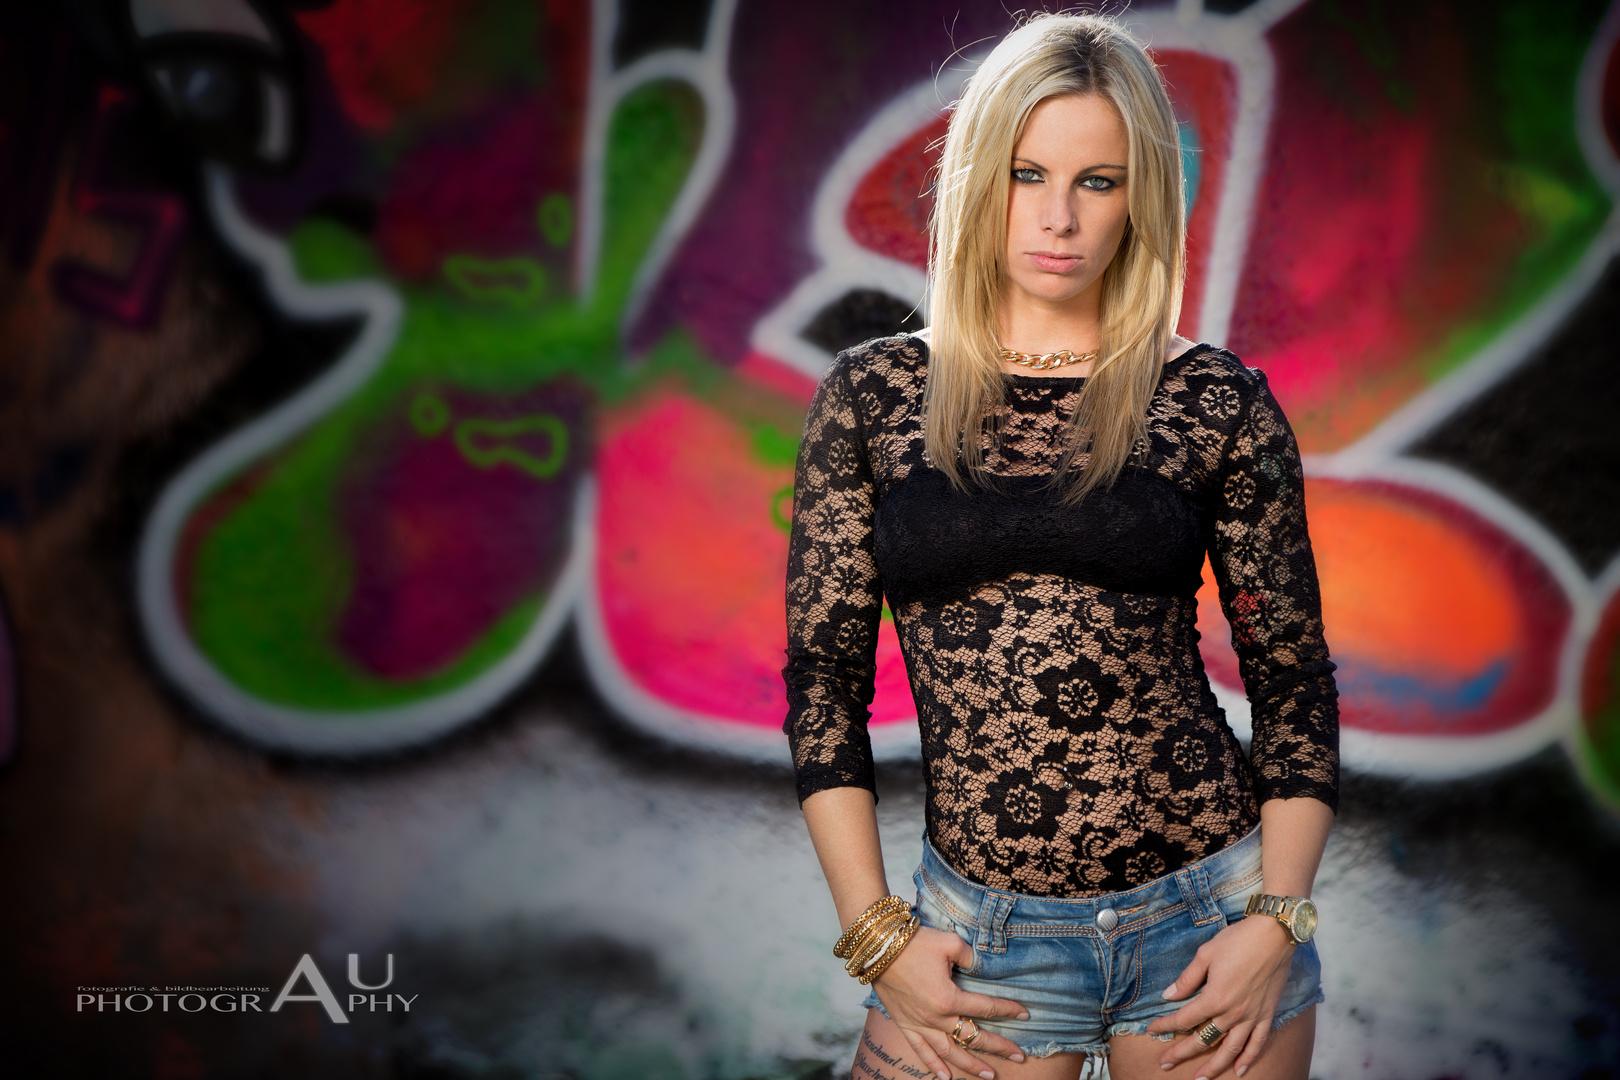 Model: Nadine